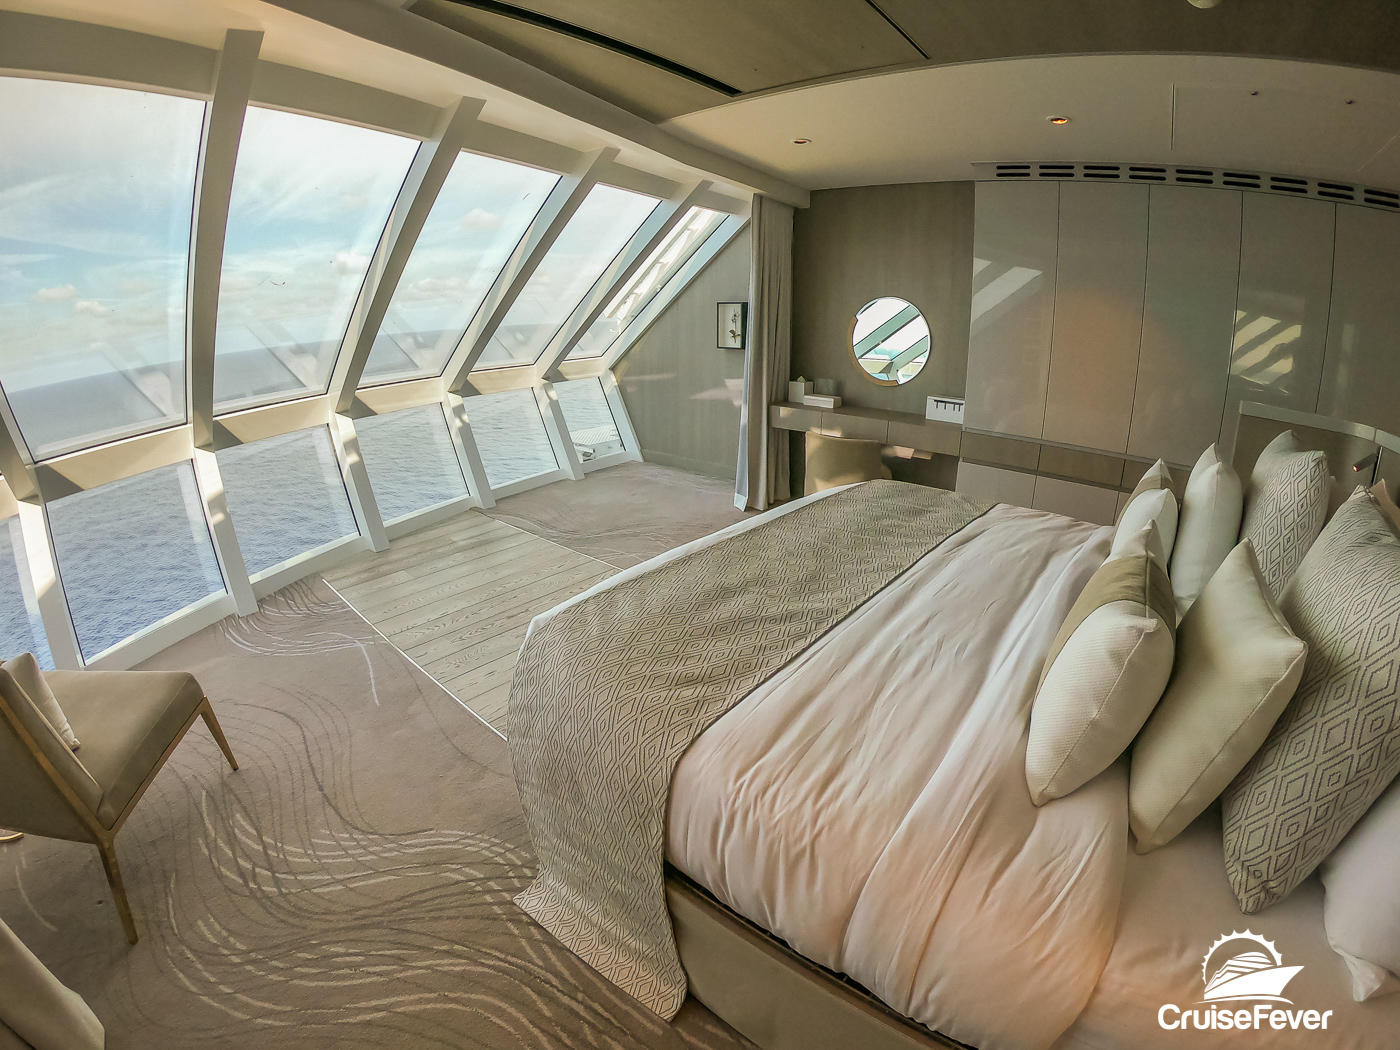 celebrity edge suite